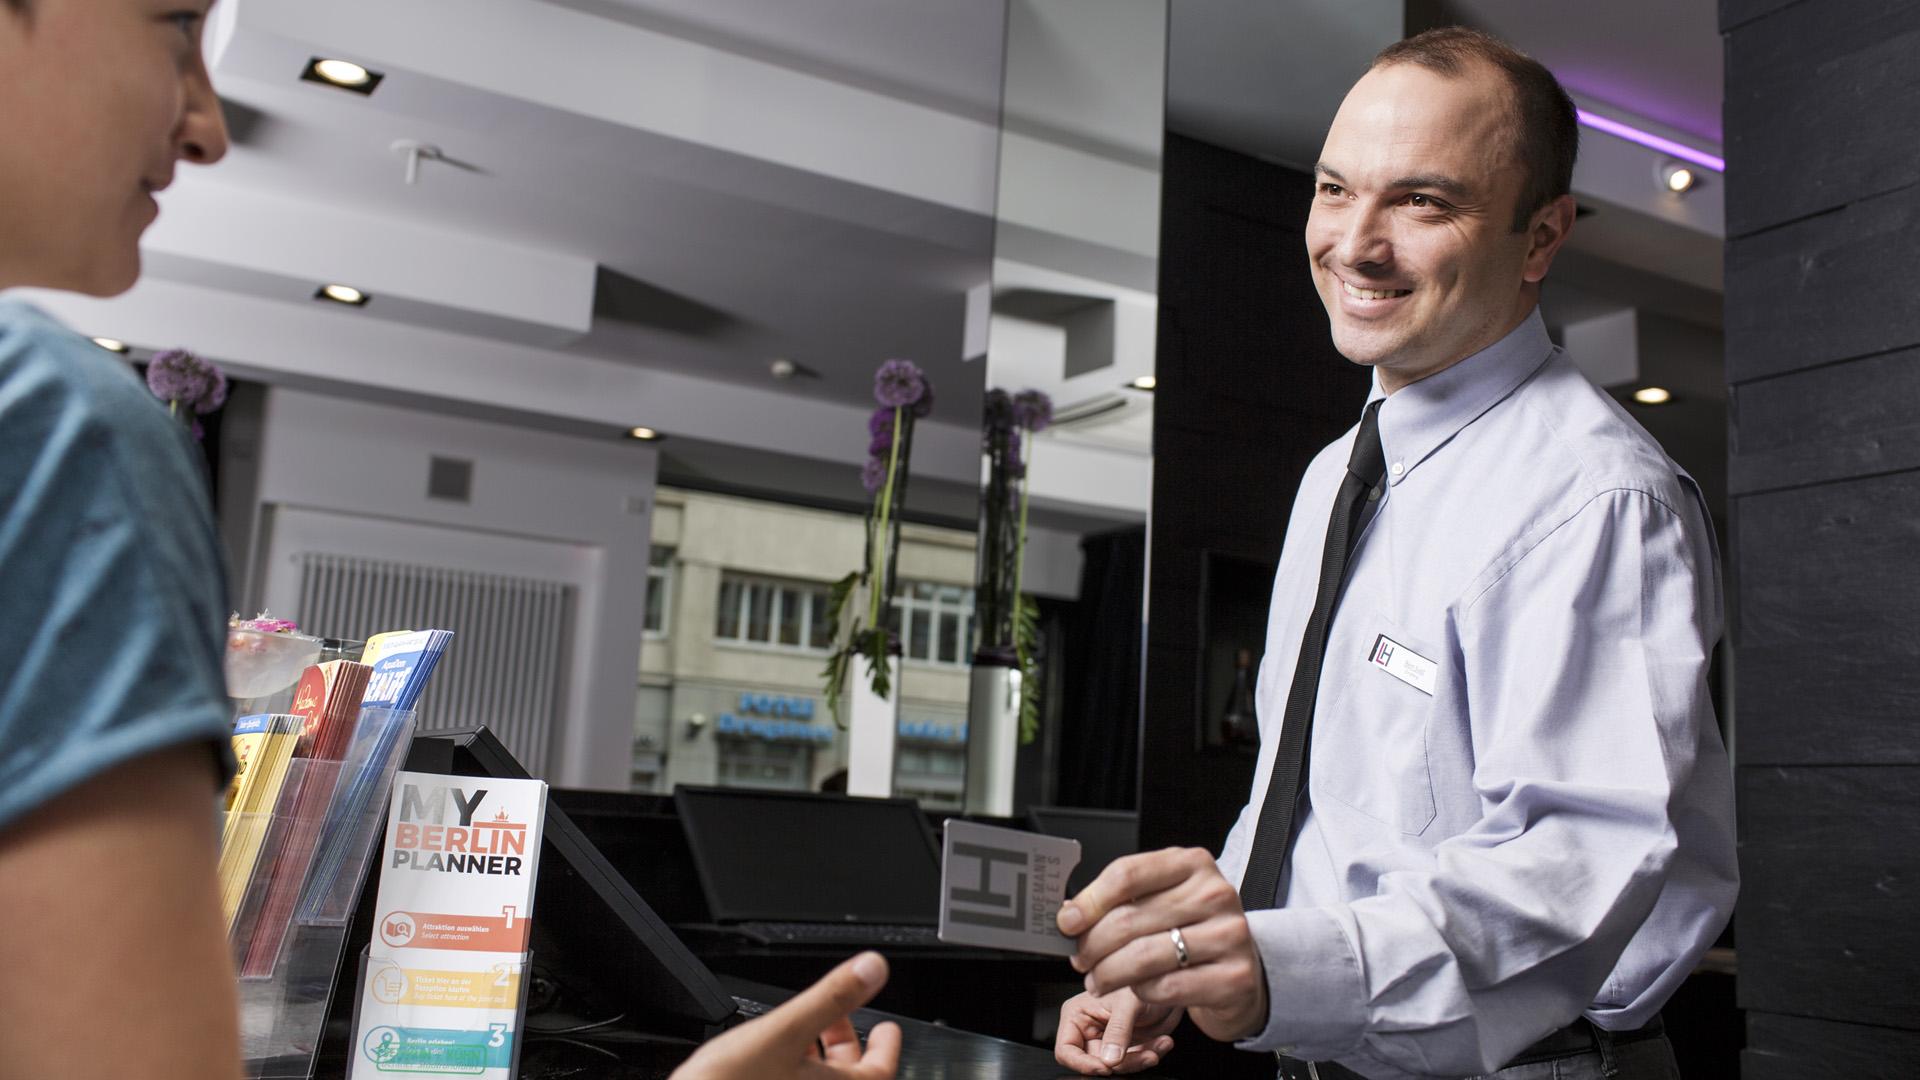 rws-sicherheitsservice_night audit_mitarbeiter_rezeption_schluesselkarte_gast